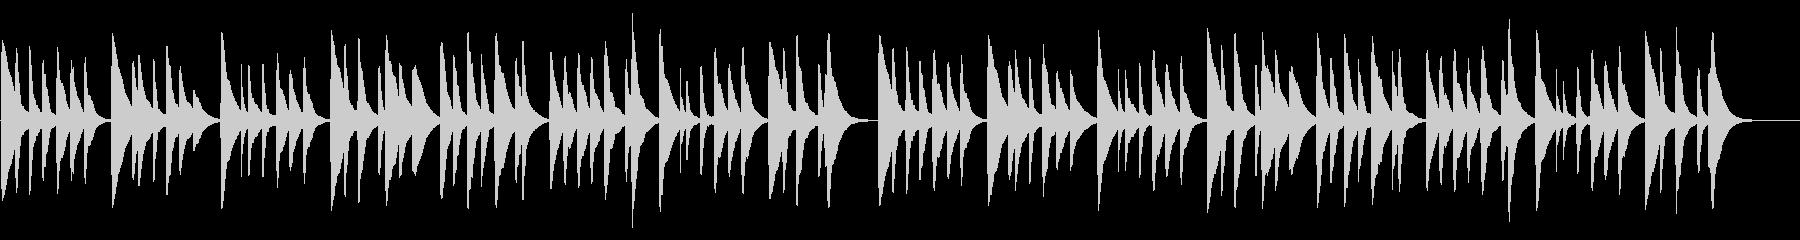 妹背をちぎる 18弁オルゴール の未再生の波形